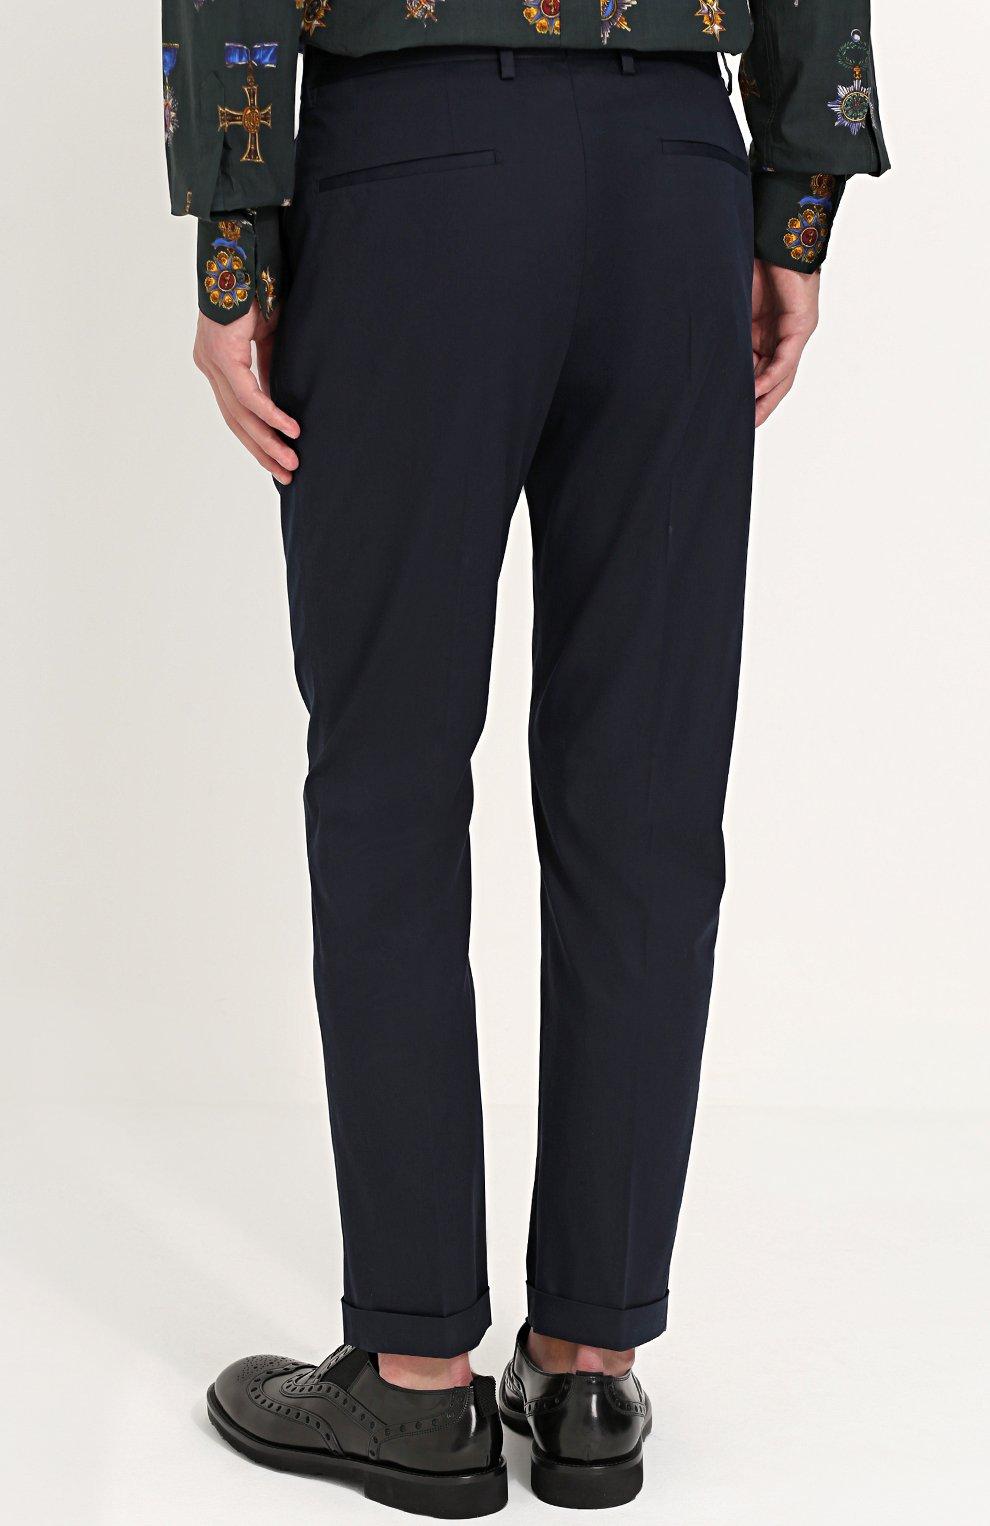 Хлопковые брюки прямого кроя с контрастной вышивкой Dolce & Gabbana синие   Фото №4